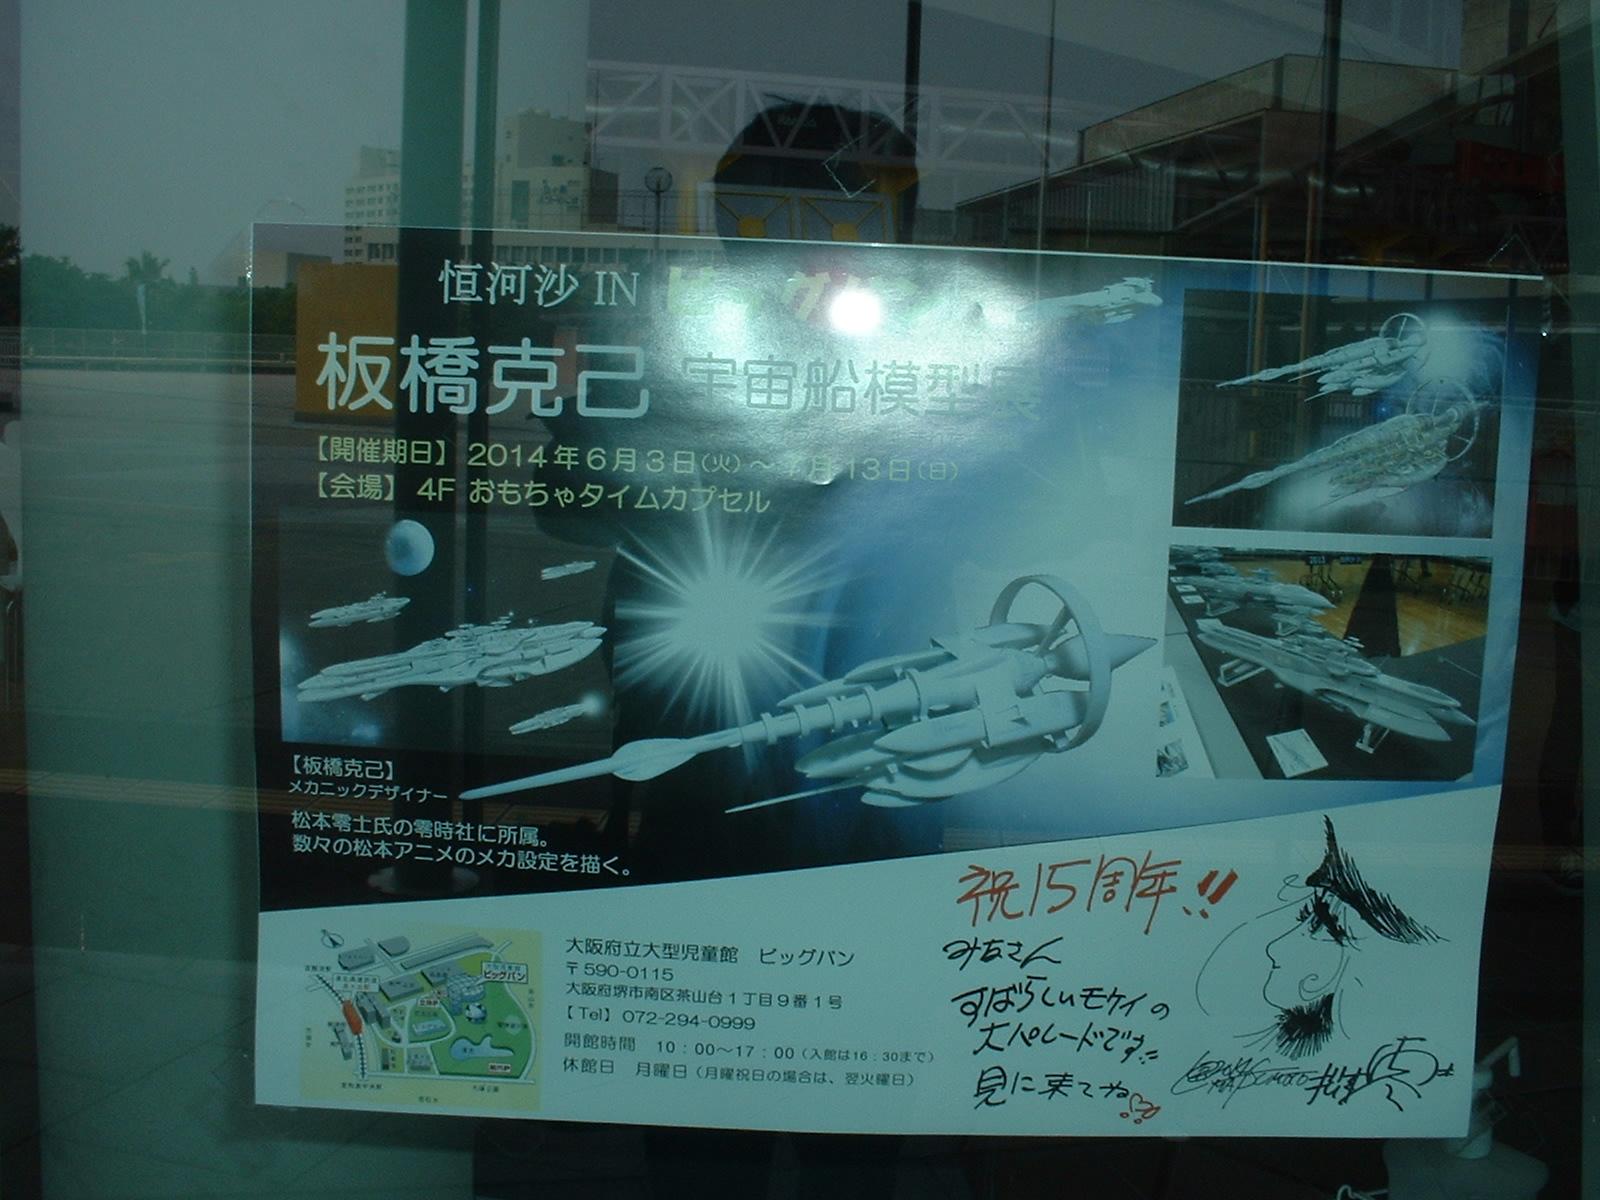 「大阪府立大型児童館ビックバン」「板橋克己宇宙船模型展」その2Doburoku-TAO.JPG